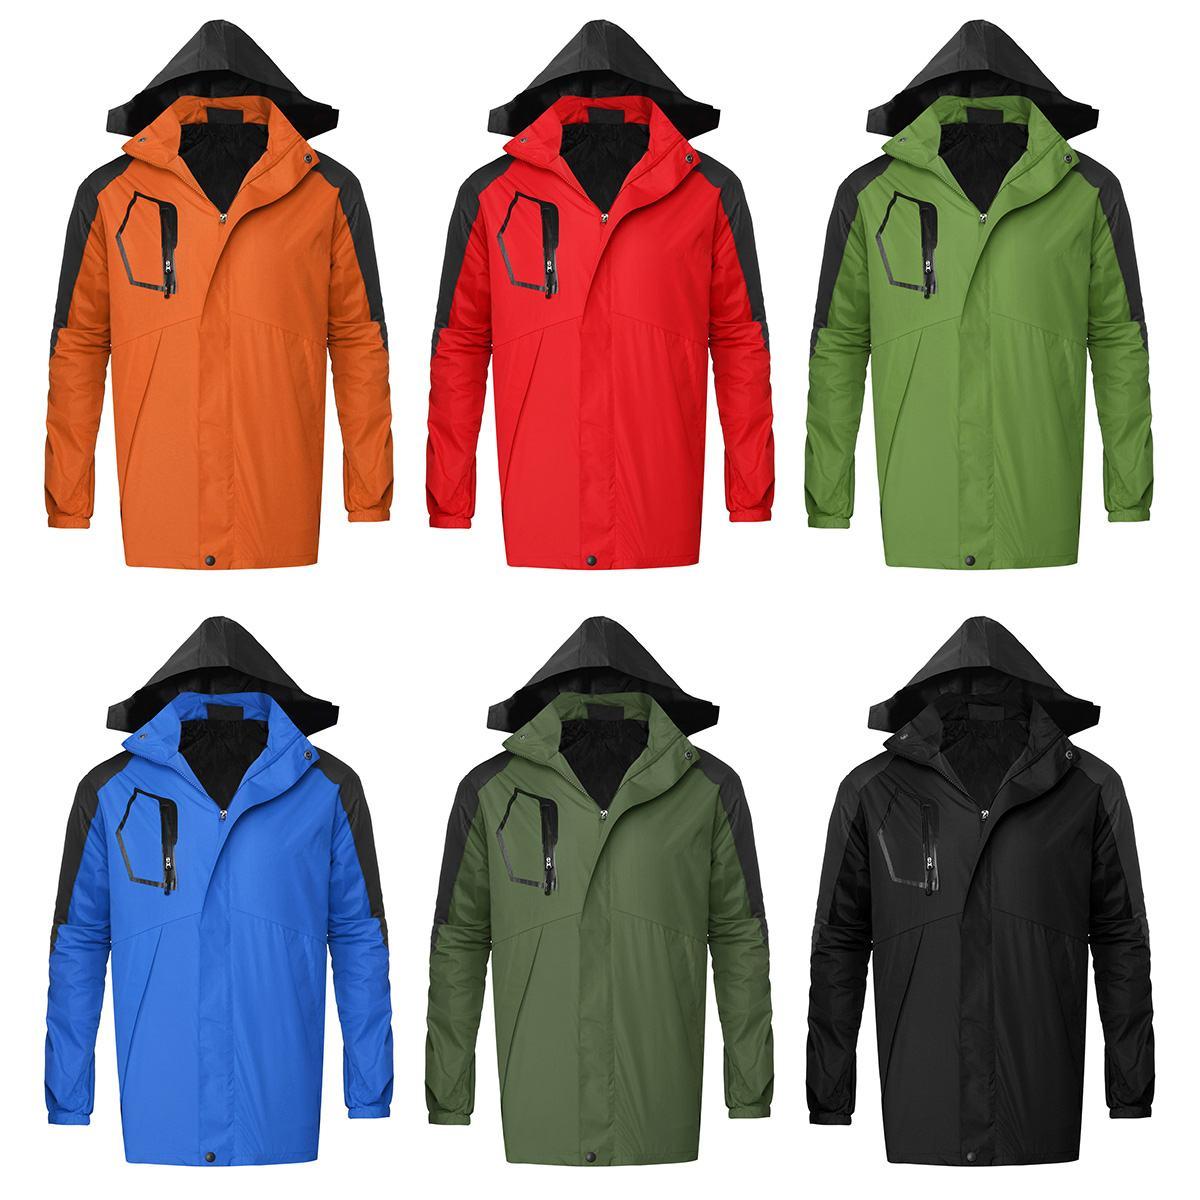 Ski Warm Jacket Men Women Jacket Waterproof Snow Fleece Lined Coat Outdoor Snowboard Windproof Fabric Winter Warm Snow Suits